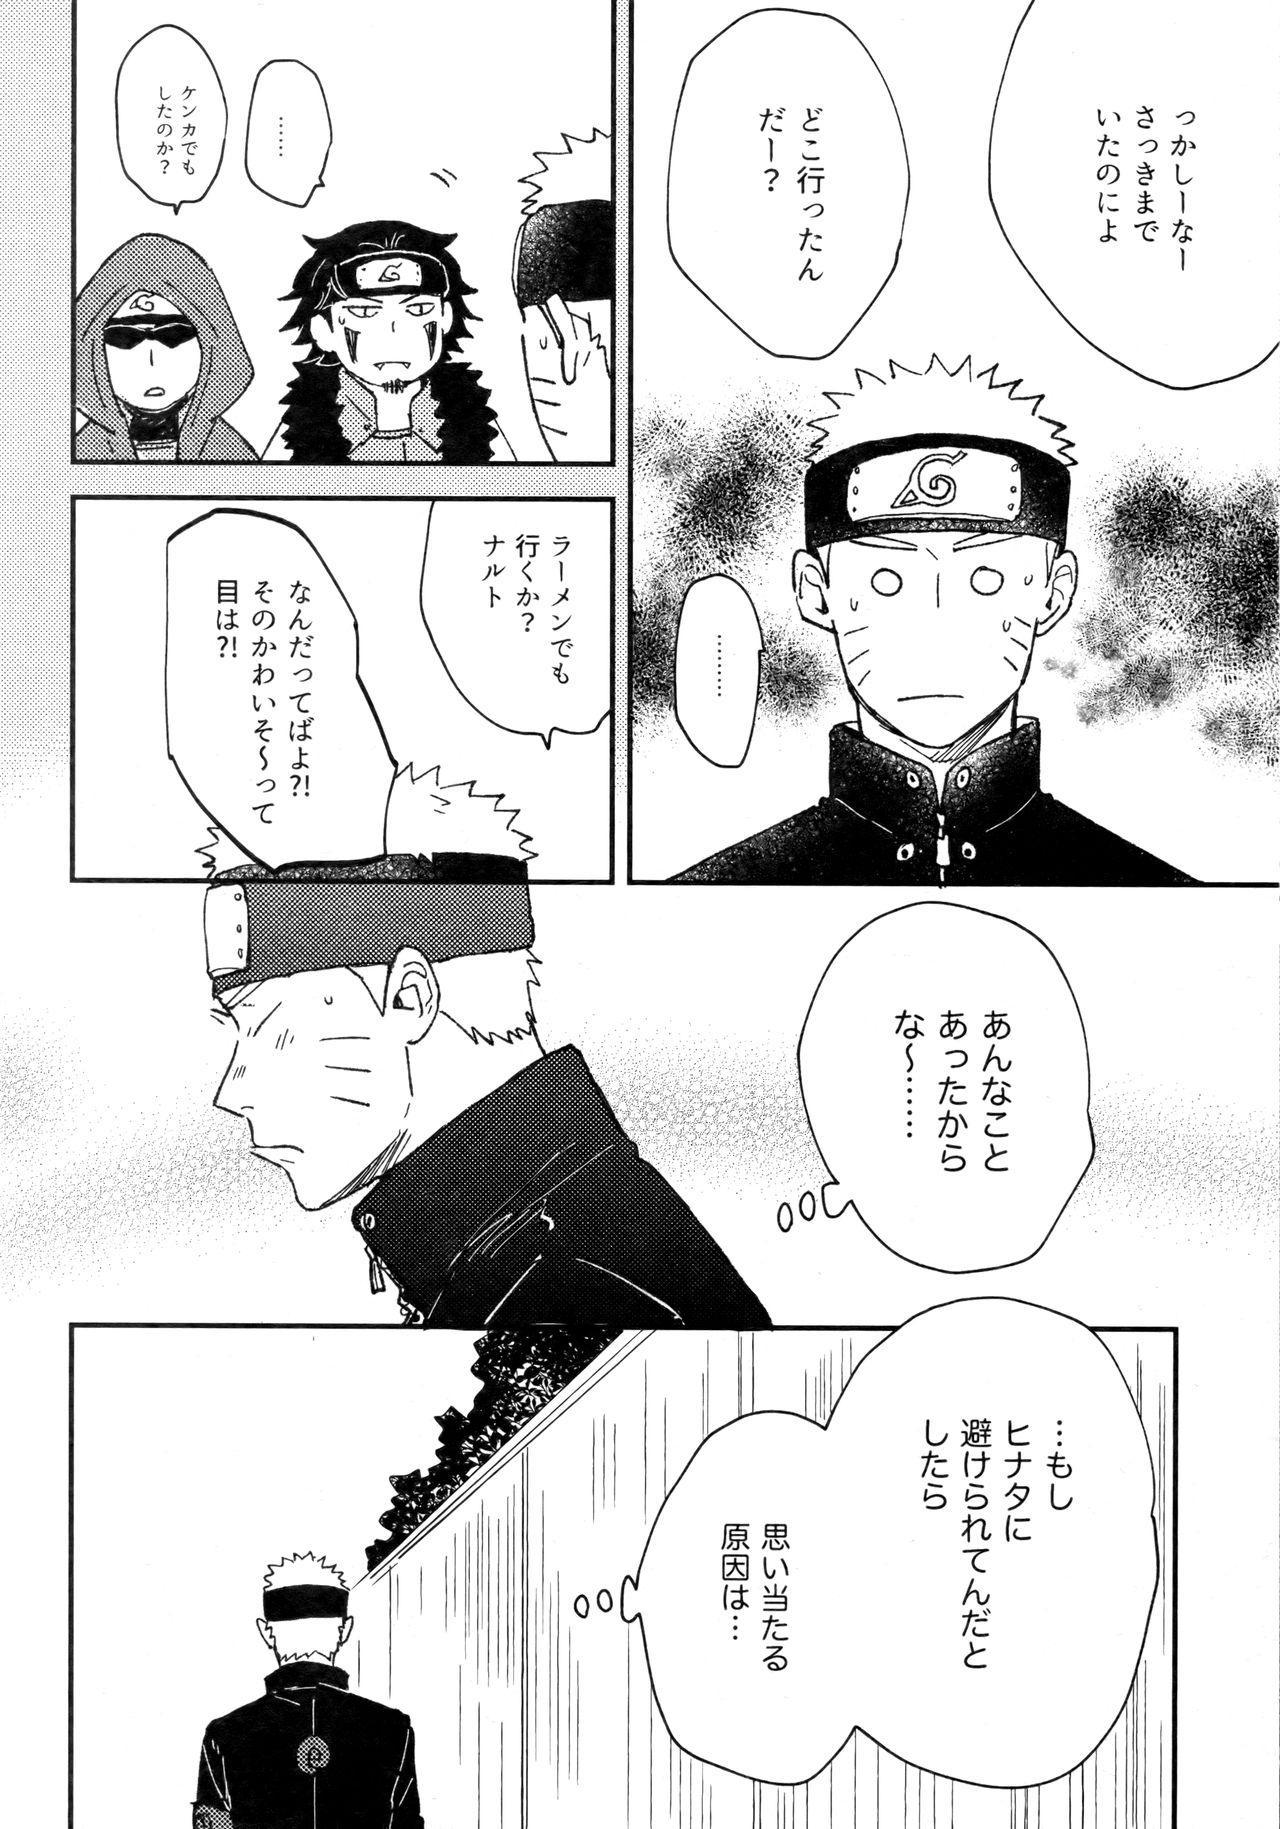 Koiwo Shiteiru Karada 3 6